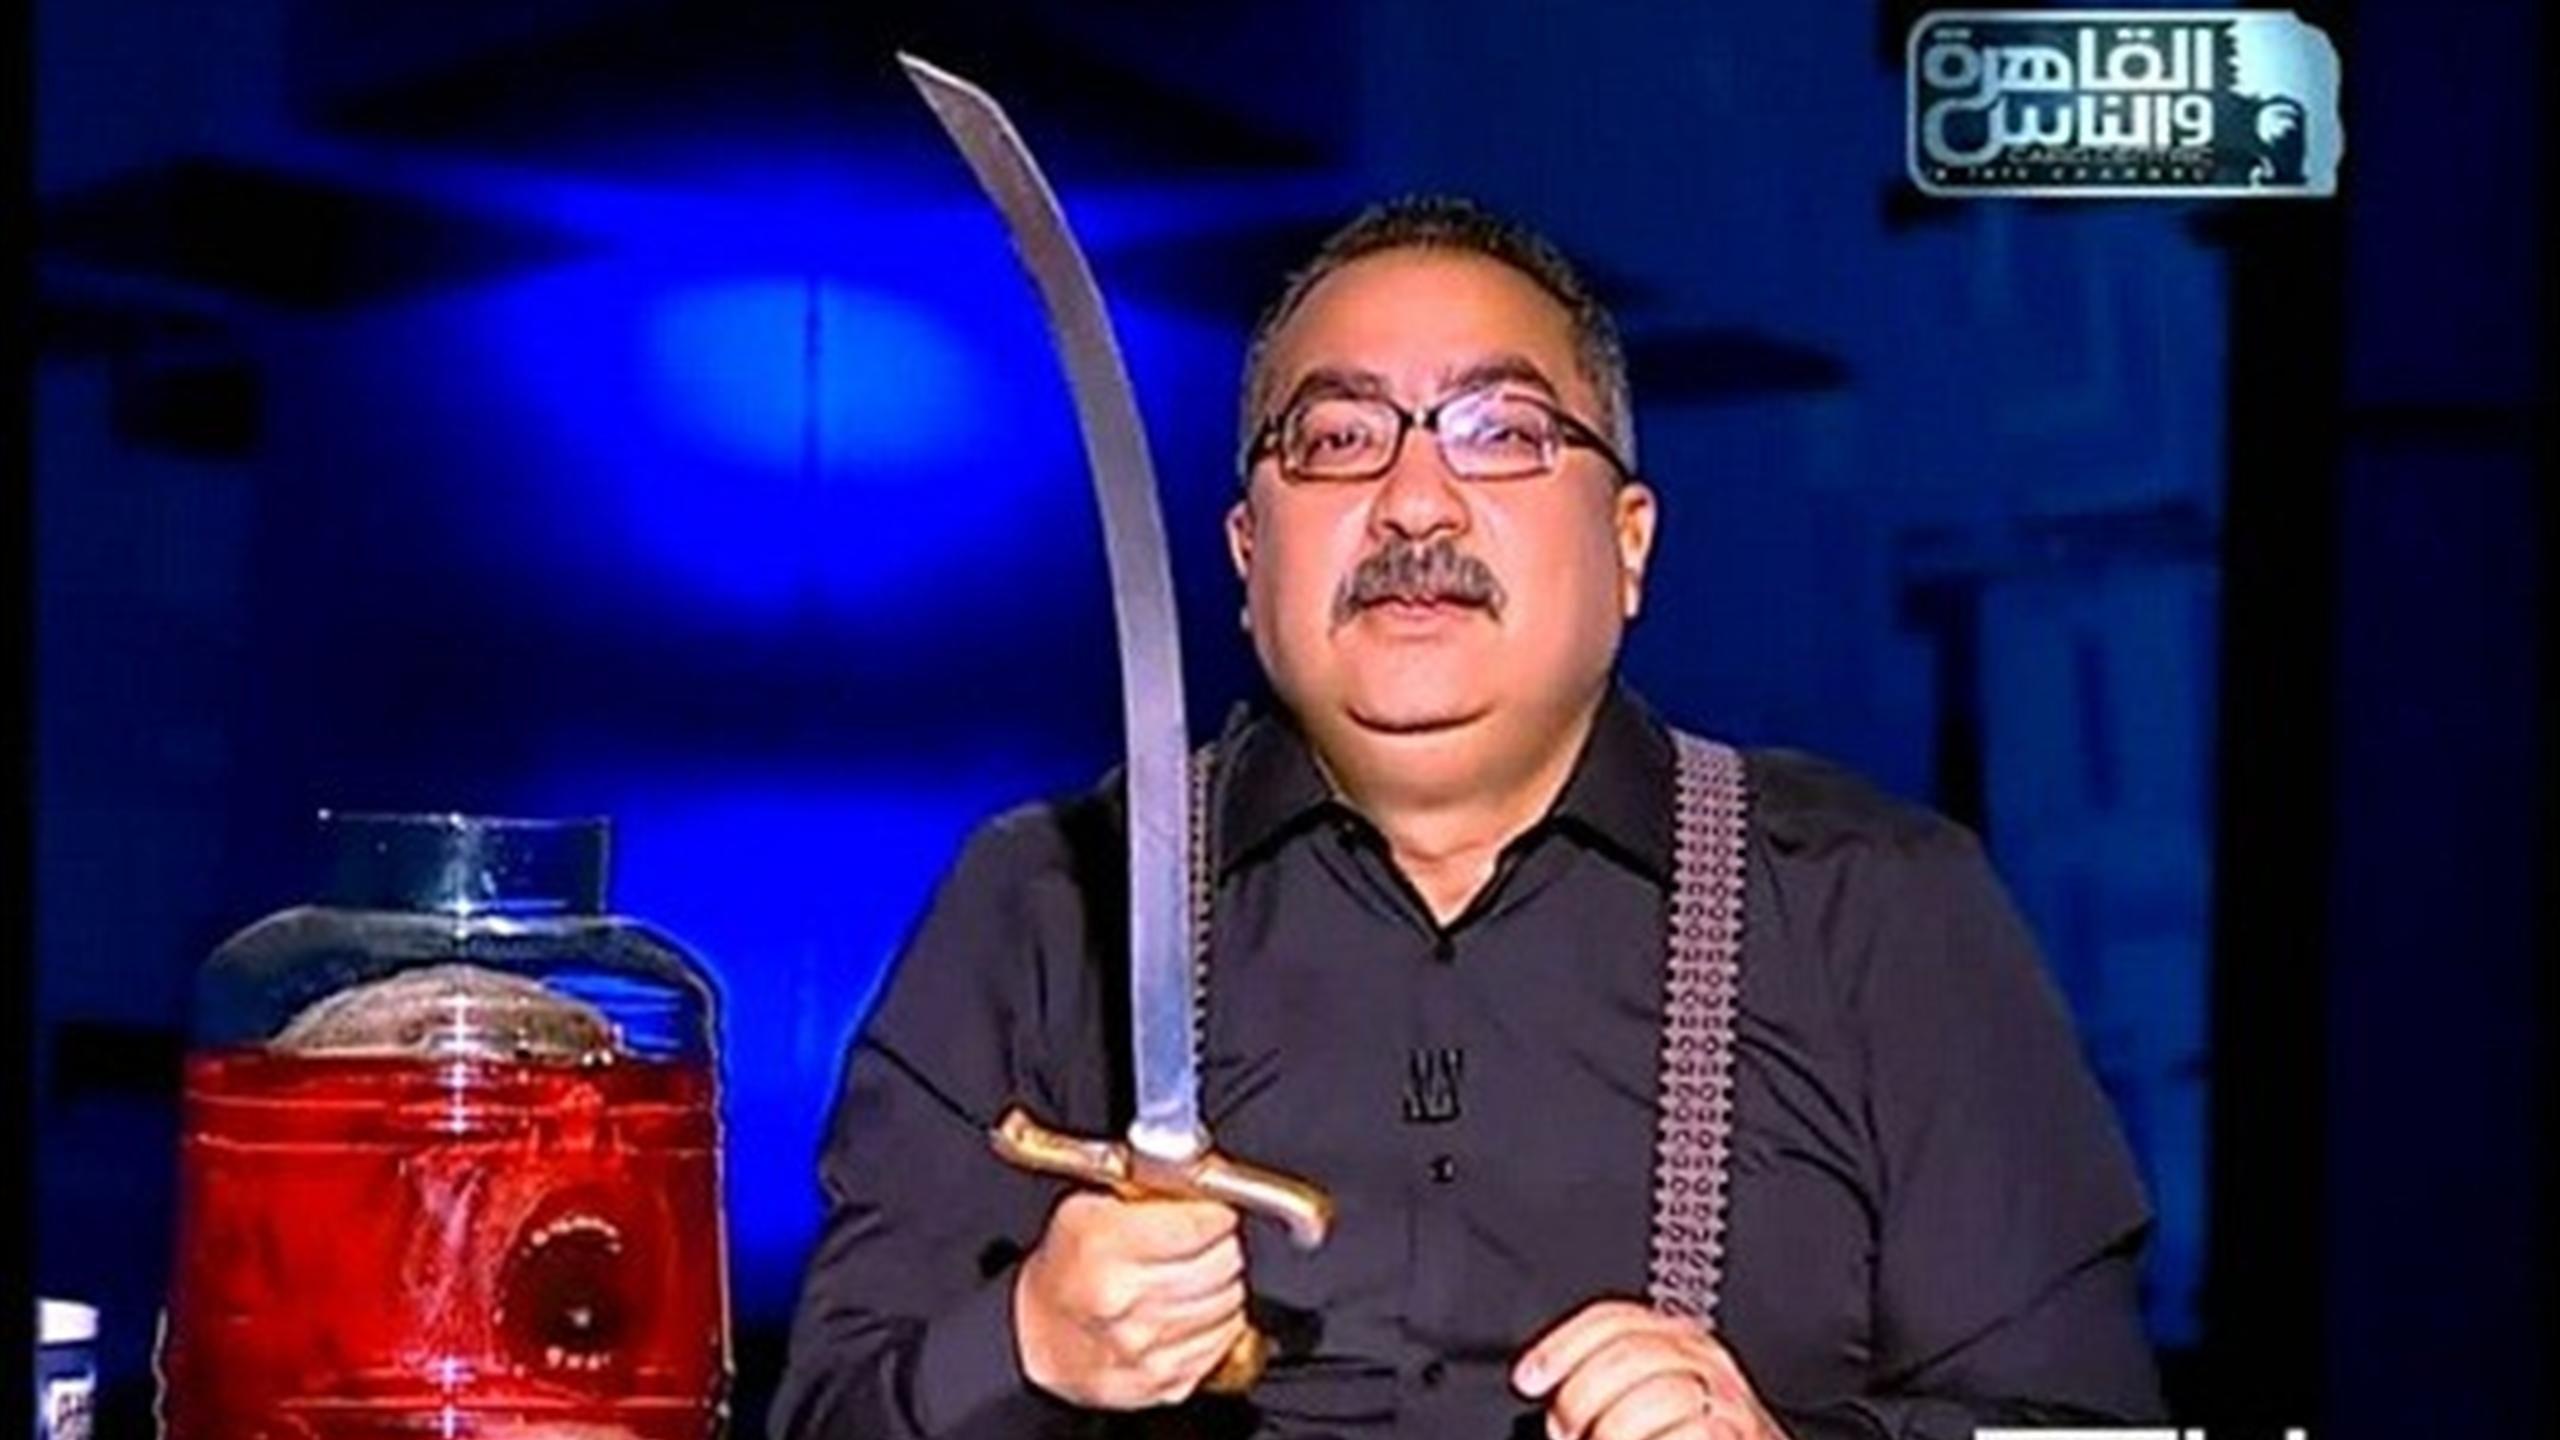 توقف البرنامج التلفزيوني للصحافي المصري المعارض ابراهيم عيسى | i24news - ما وراء الحدث